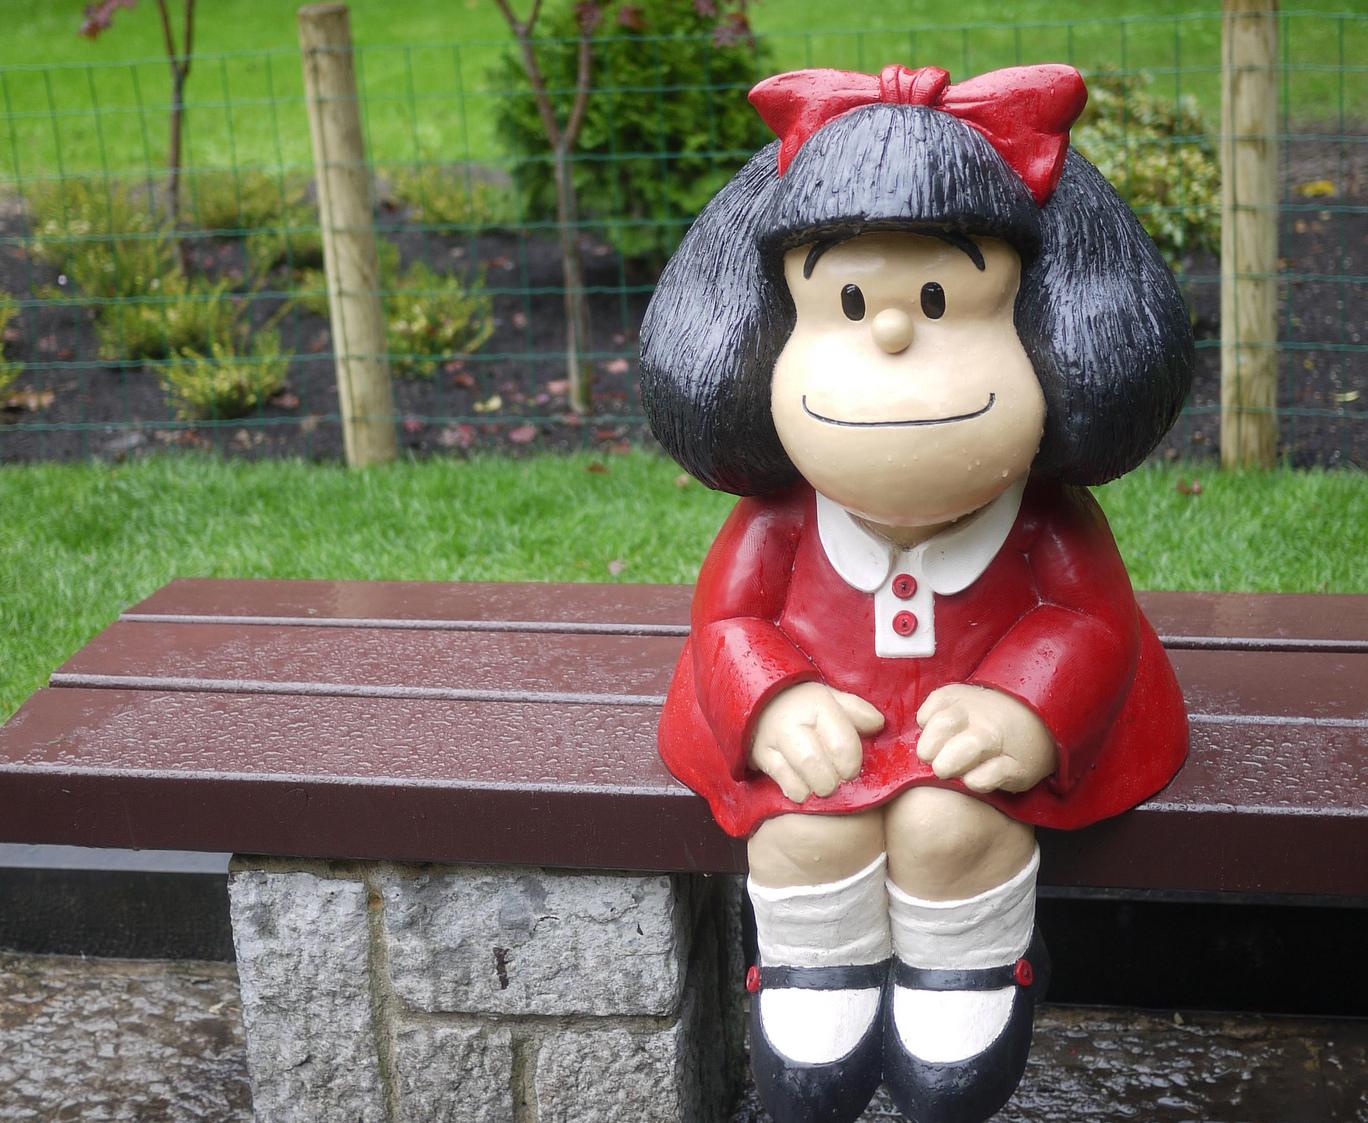 Mafalda por el mundo: las estatuas más entrañables del personaje de Quino